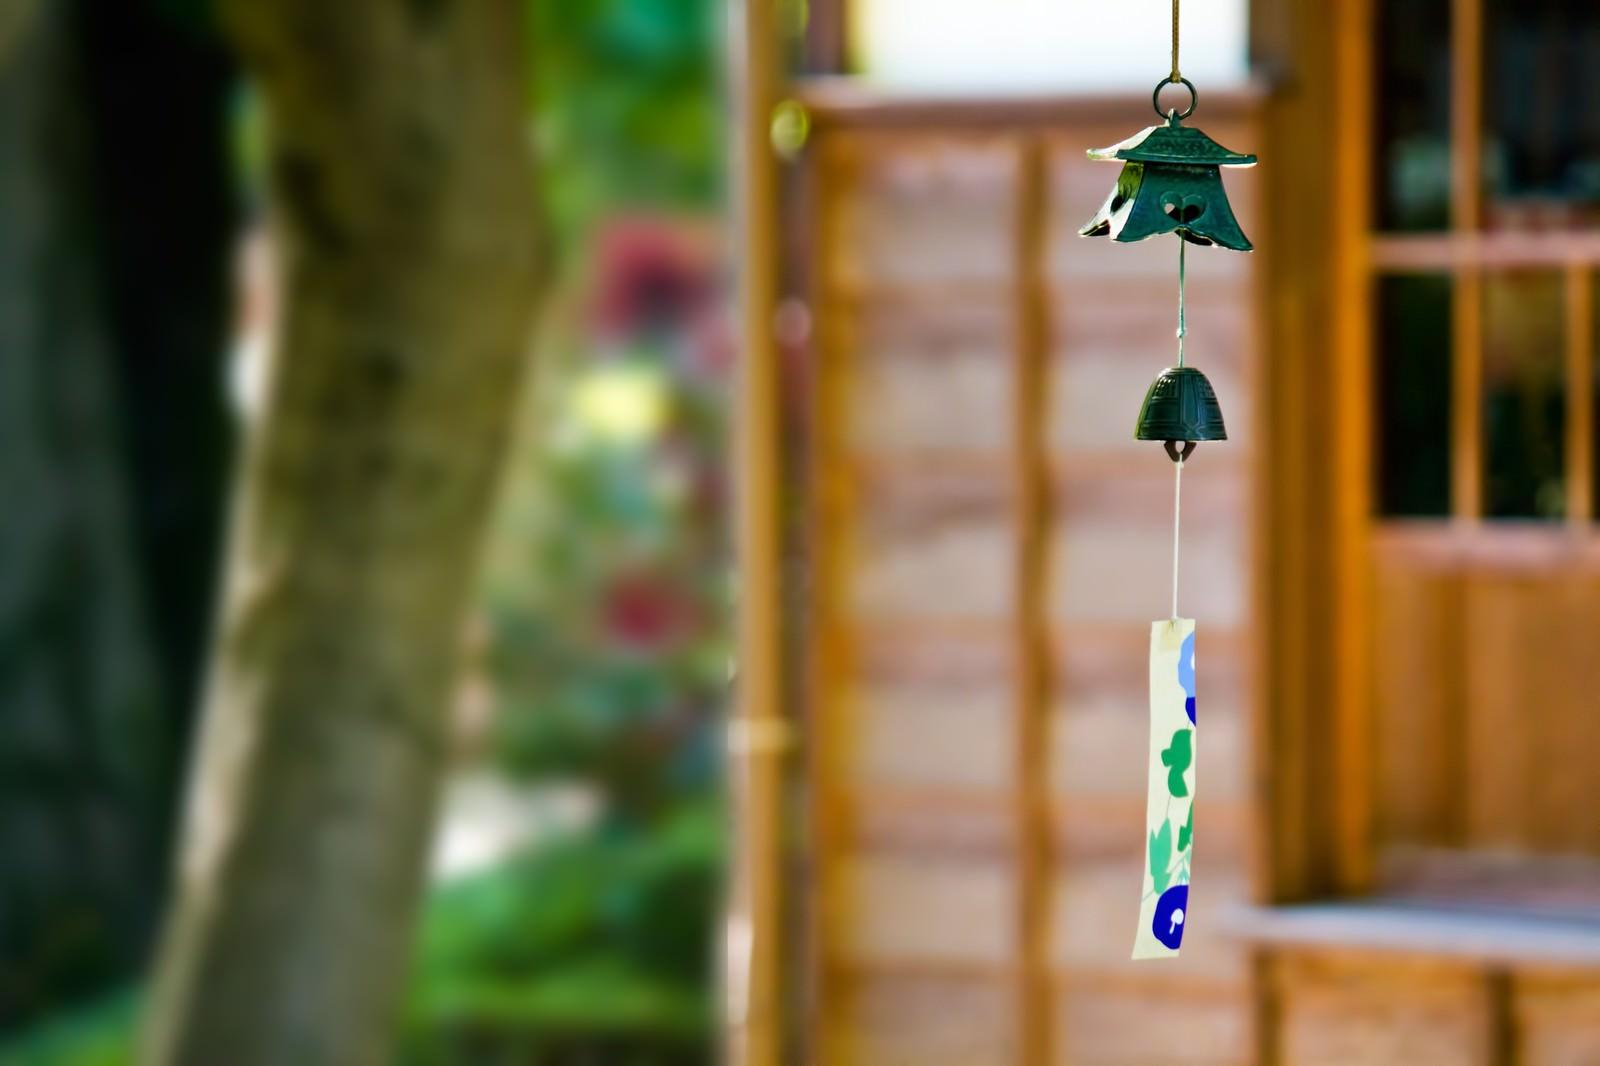 「庭先の風鈴」の写真